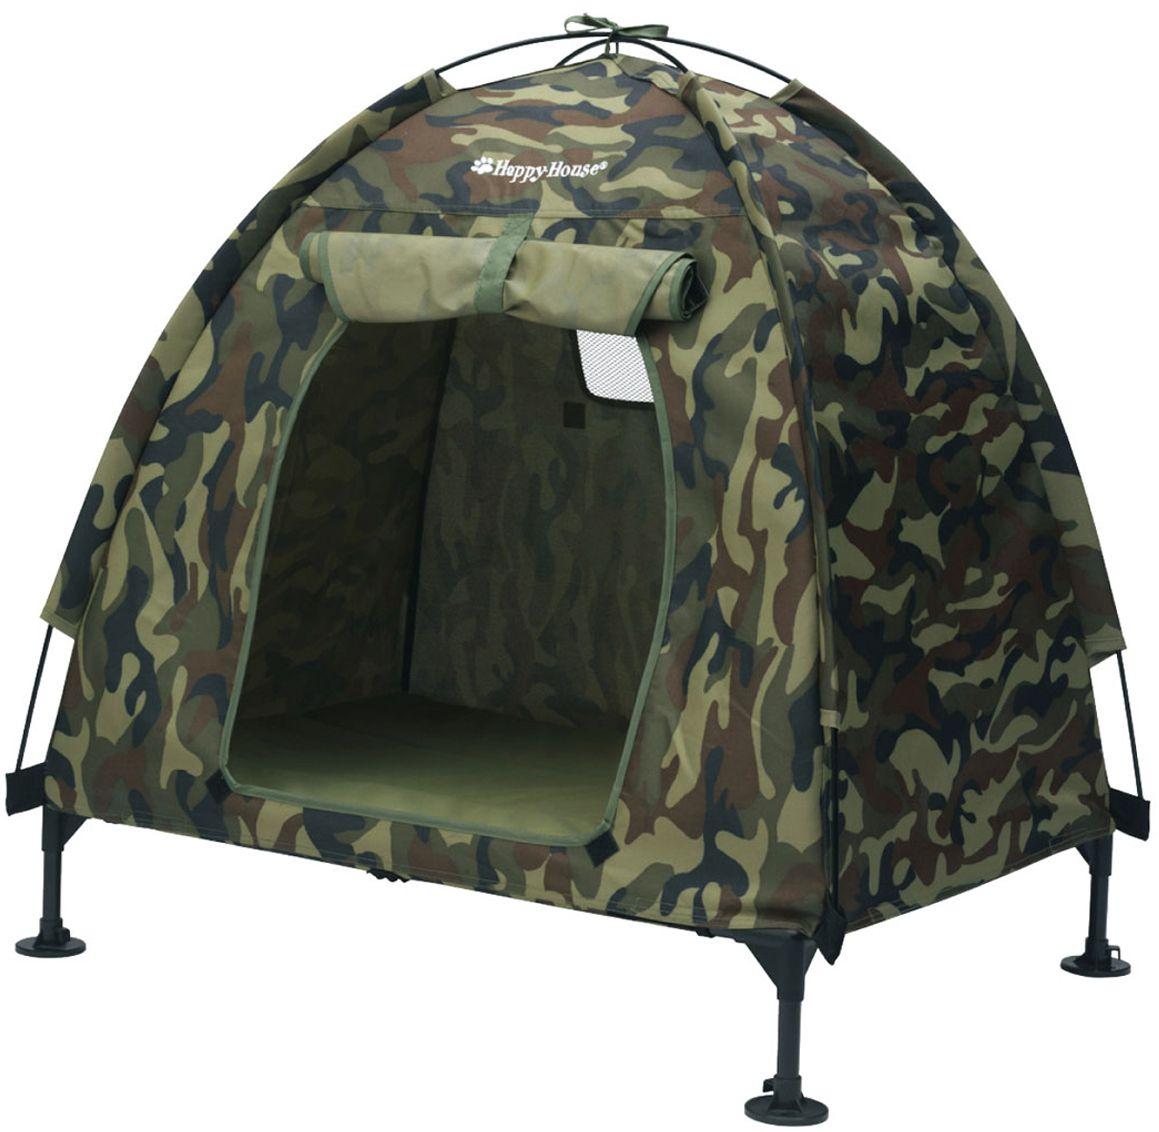 Палатка для собак Happy House Outdoor, цвет: камуфляж, 94 х 68 х 90 см8512Палатка для собак Happy House Outdoor - незаменимая вещь для вашего питомца. Палатка выполняет роль мобильного убежища, где животное будет себя чувствовать комфортно и в безопасности. В палатке он может спать, играть и прятаться. Палатка выполнена из плотной ткани. Она оснащена вентиляционным окном и входом, который закрывается на сверхпрочную застежку-молнию. Палатка легко и быстро сворачивается и не занимает много места при хранении. Палатку можно установить в любом удобном месте. Она позволит вам контролировать действия вашего домашнего животного и приучить его к чистоплотности. Также палатку можно использовать на выставках и для транспортировки животного. Максимальный вес животного: 50 кг.